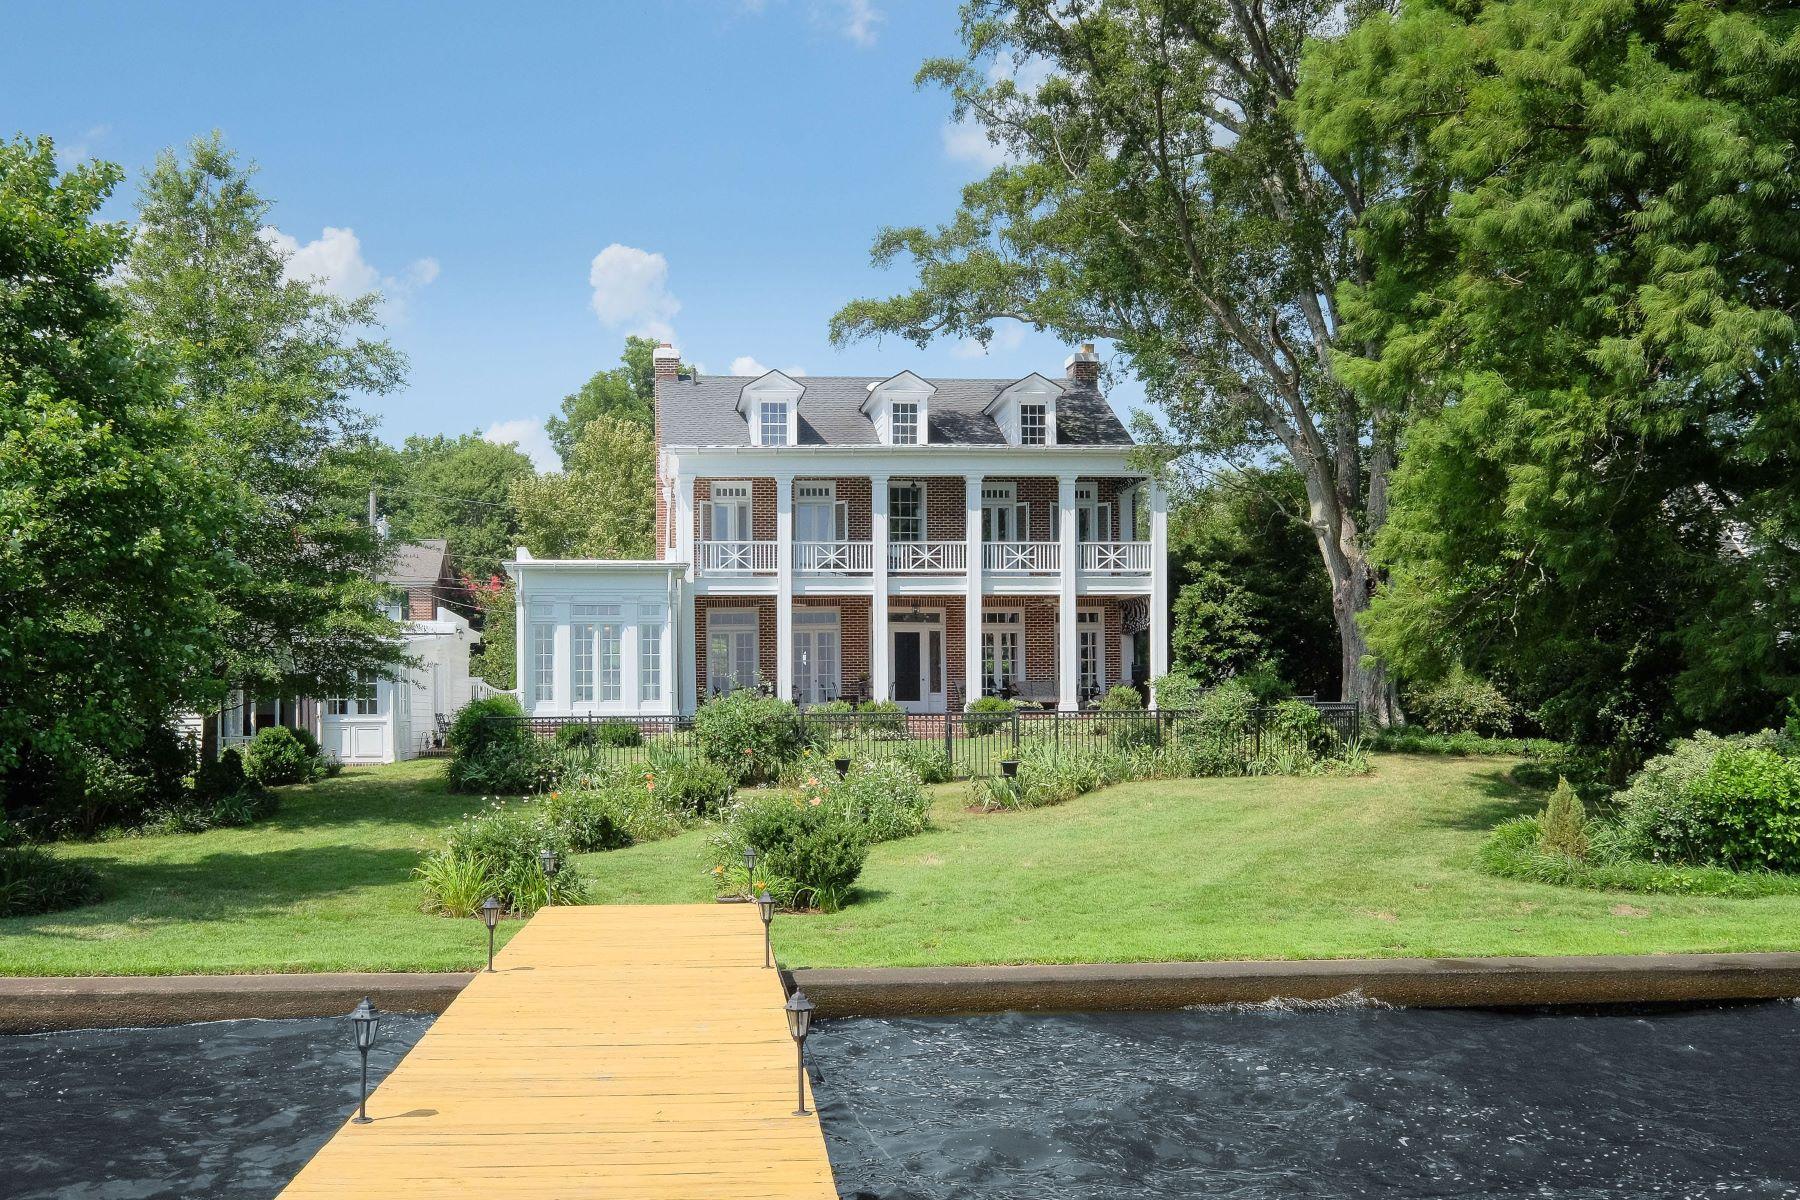 Maison unifamiliale pour l Vente à Historic District Waterfront 117 Blount St Edenton, Carolina Du Nord, 27932 États-Unis